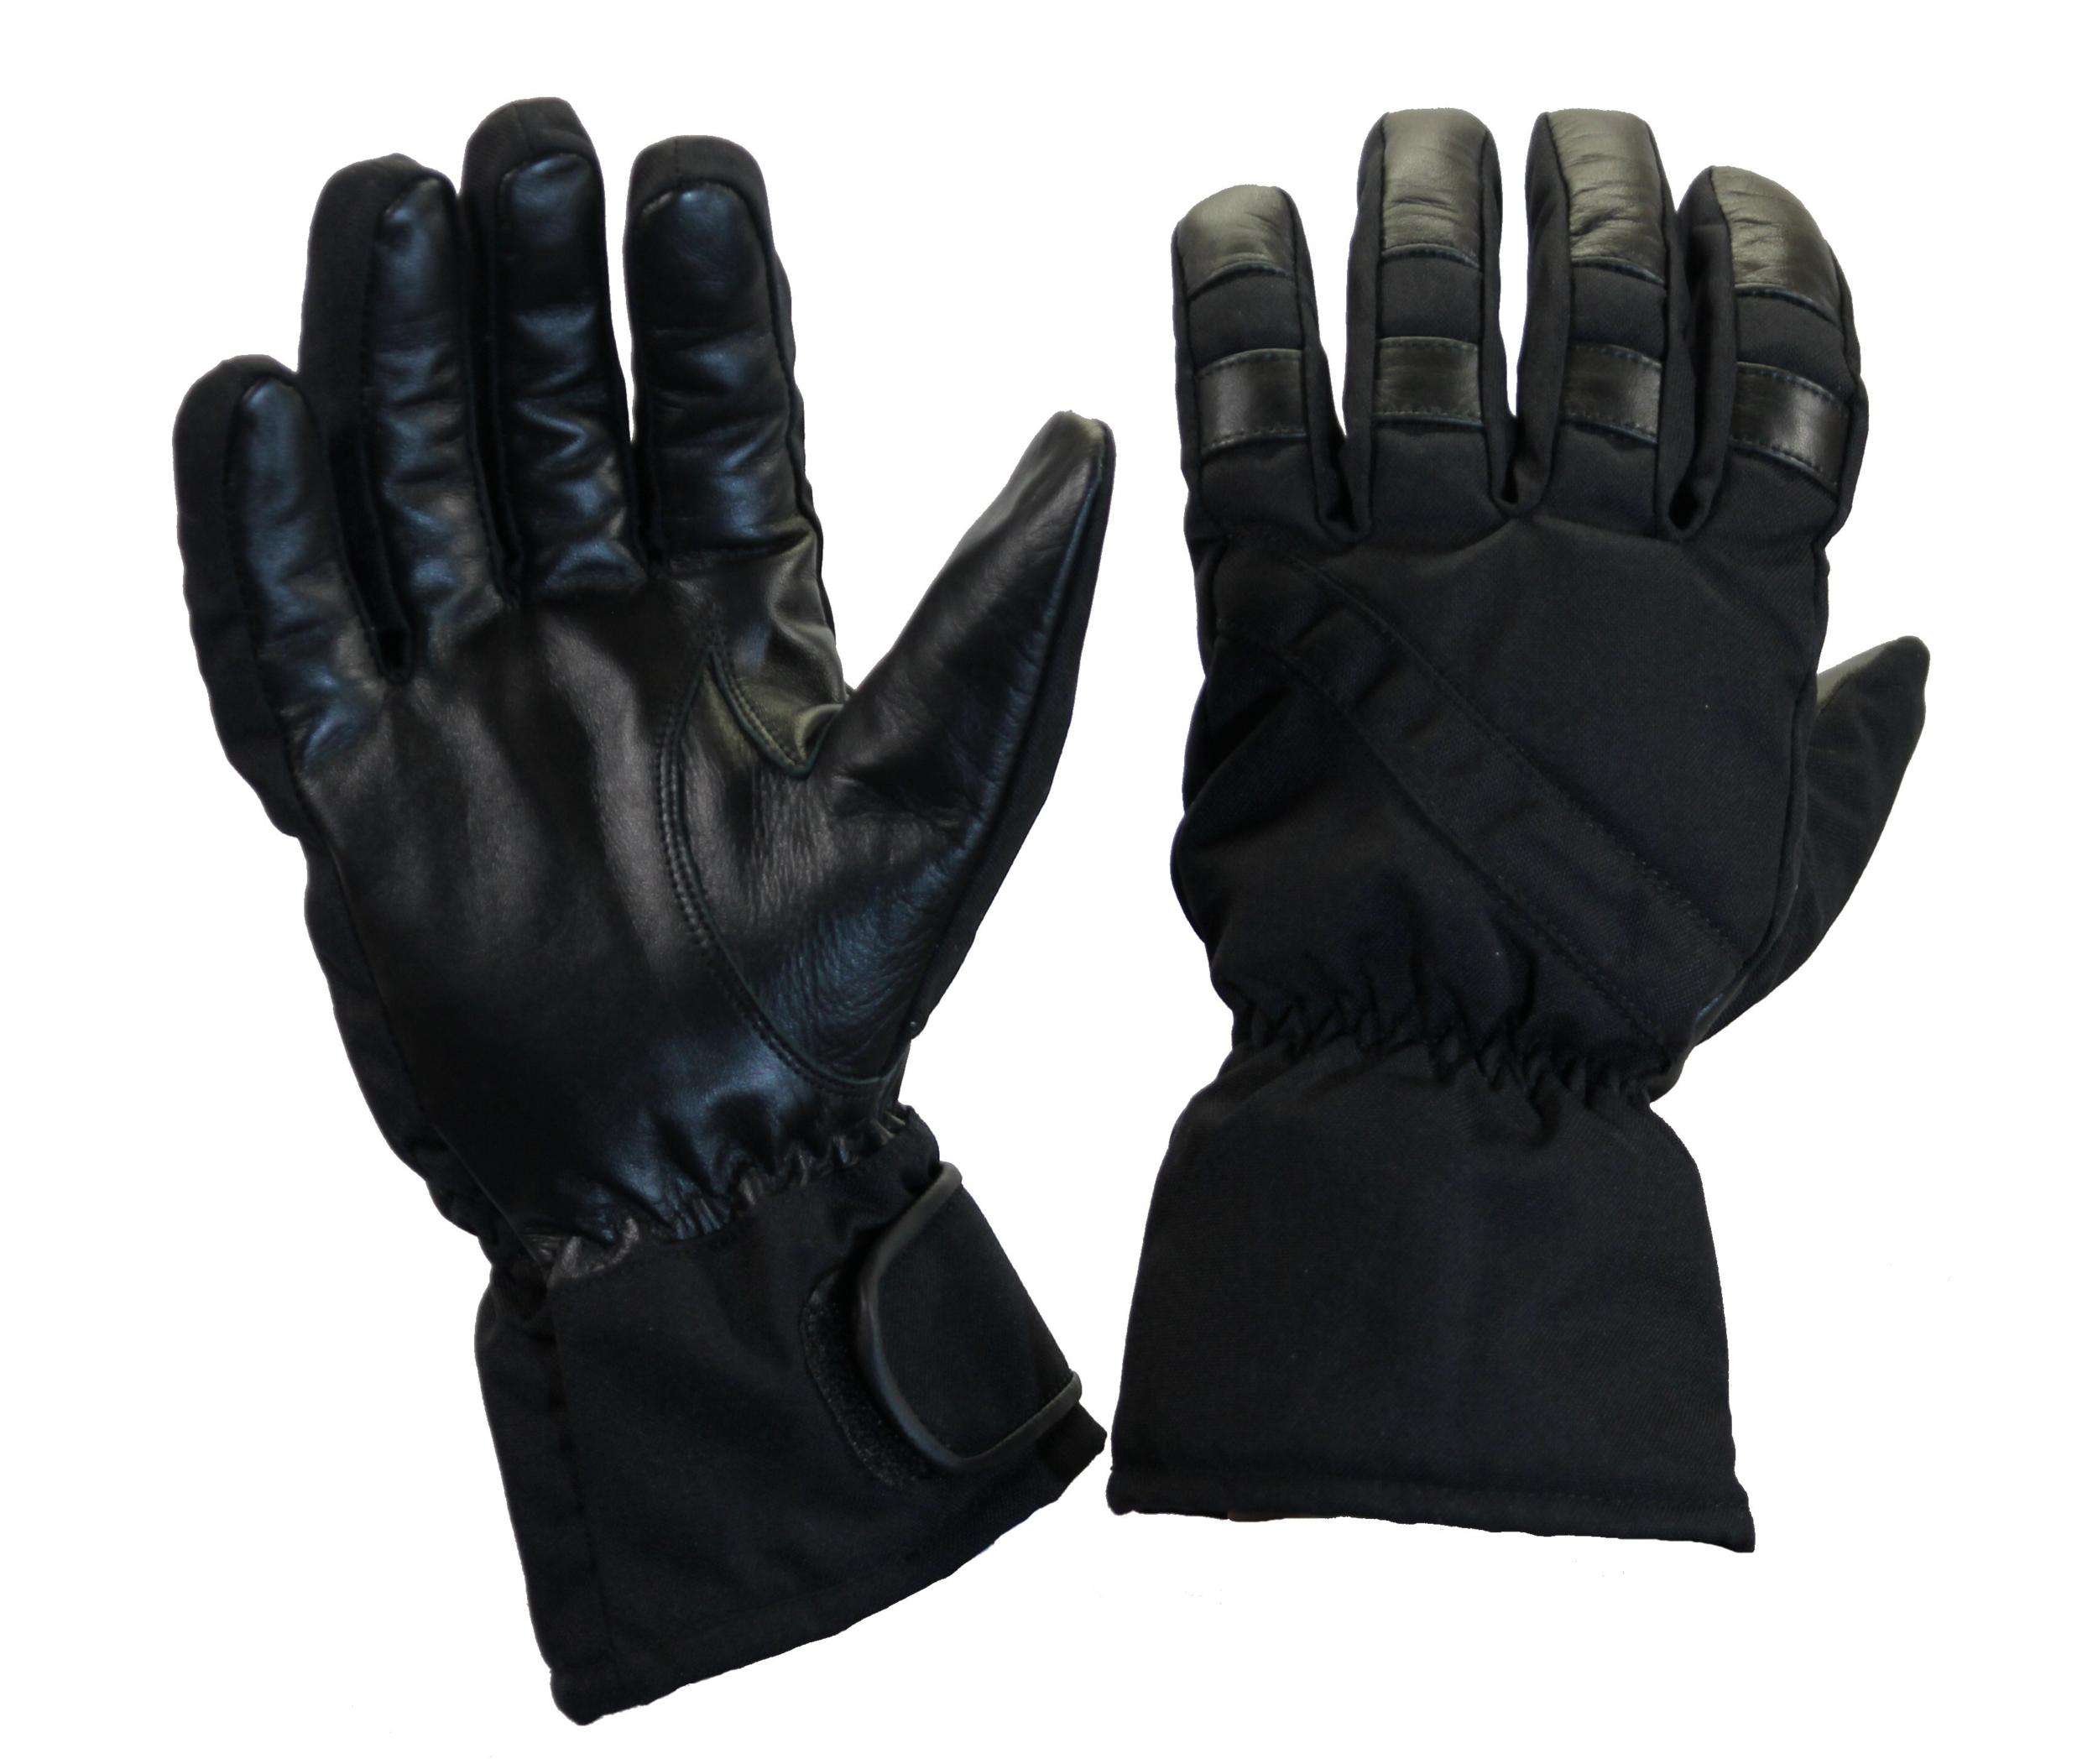 Kc414_1_Gants moto hiver noir